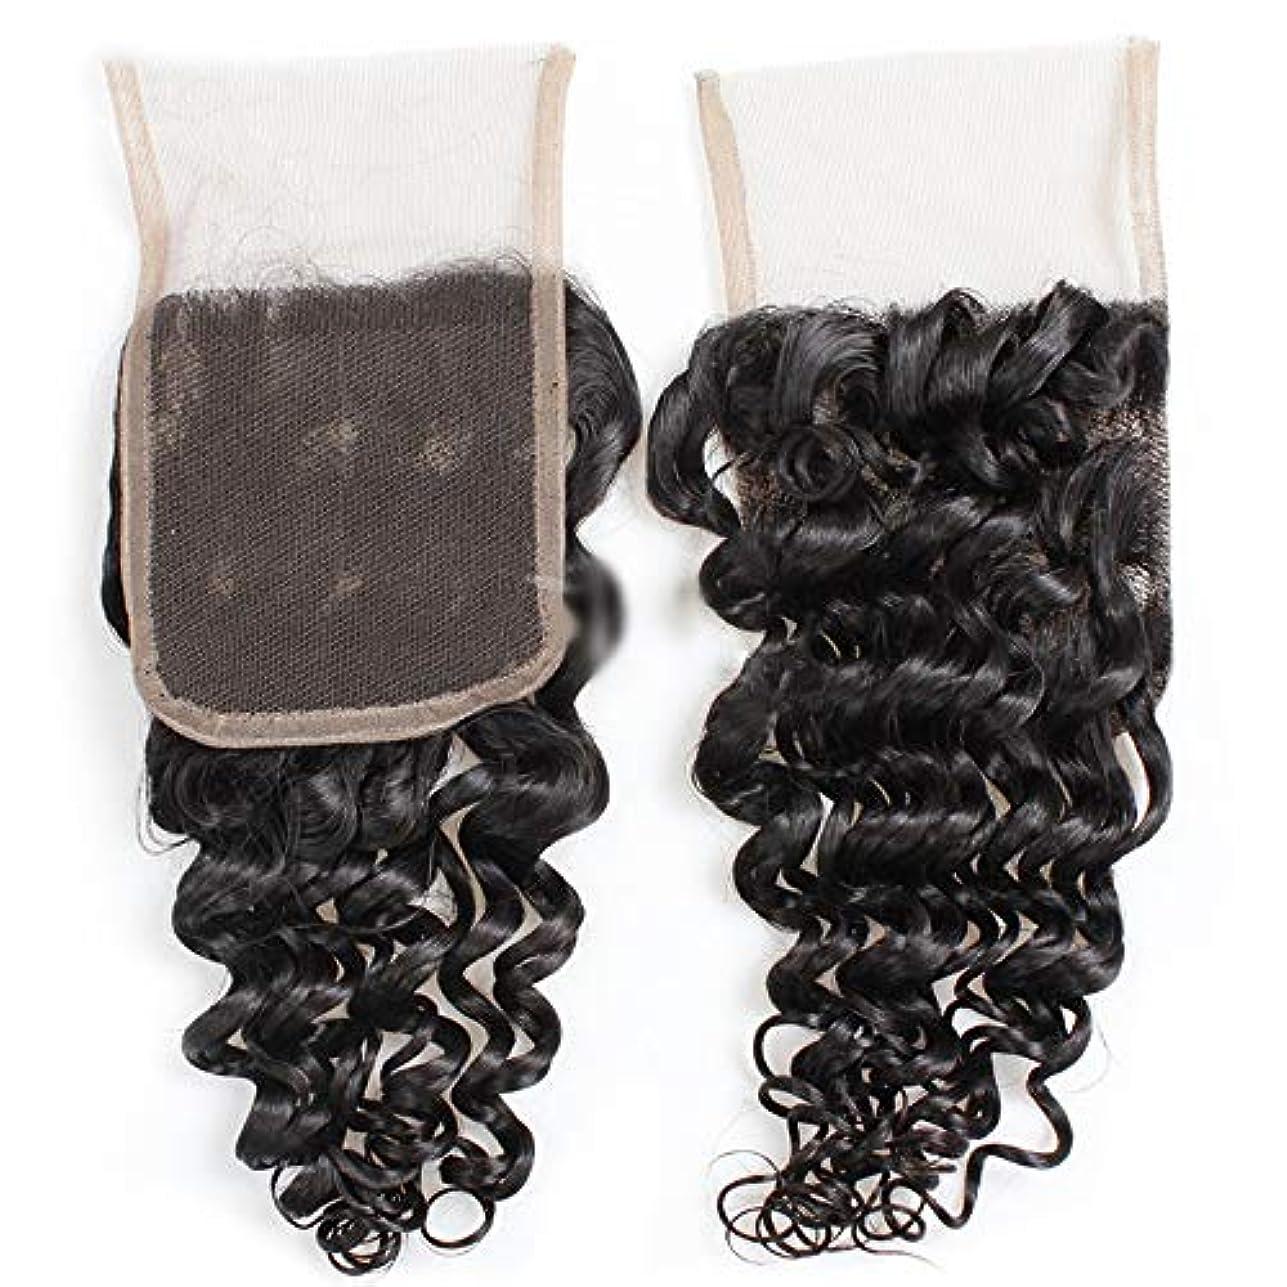 含める乱す変数HOHYLLYA 9Aブラジルディープウェーブヘア4×4インチレース前頭部閉鎖100%未処理人間の髪の毛中央部自然な外観の複合毛レースかつらロールプレイングかつらロングとショートの女性自然 (色 : 黒, サイズ : 8...